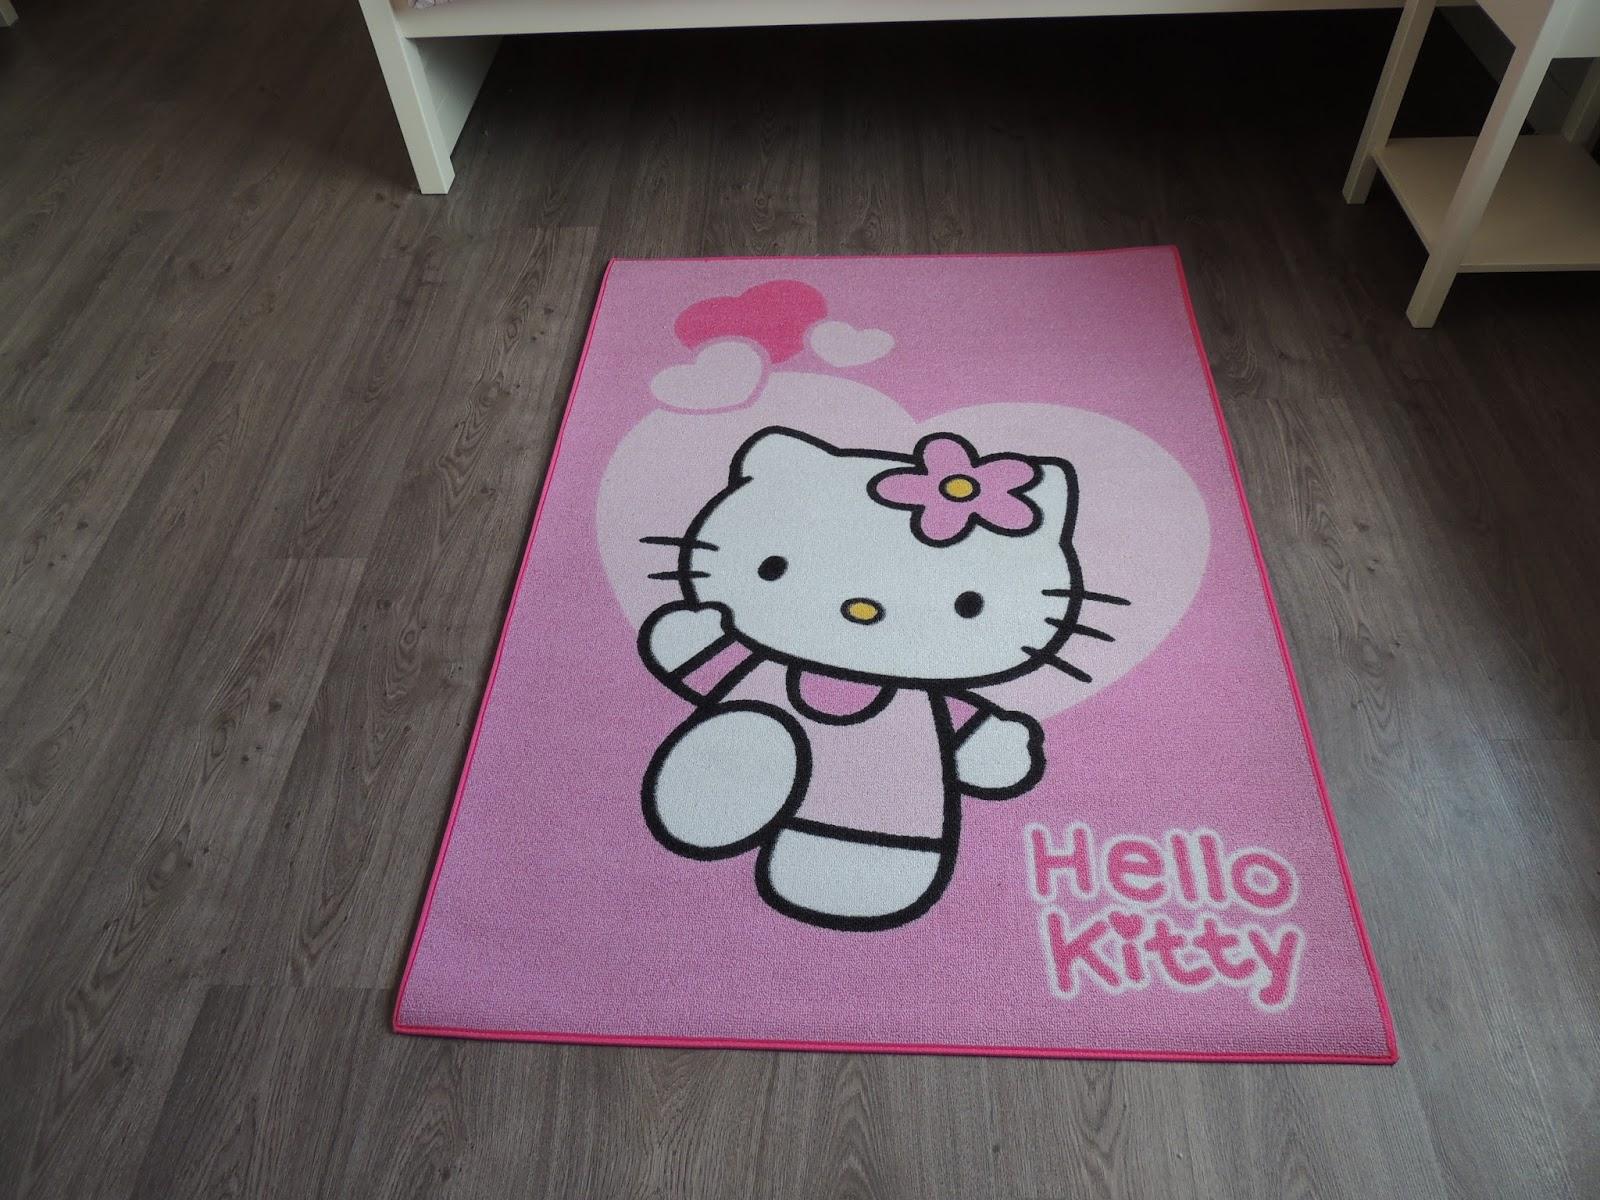 Speeltapijten speelmatten vloerkleden kinderkamer kleed kinderkamer roze vloerkleed voor - Tapijt idee voor volwassen kamer ...